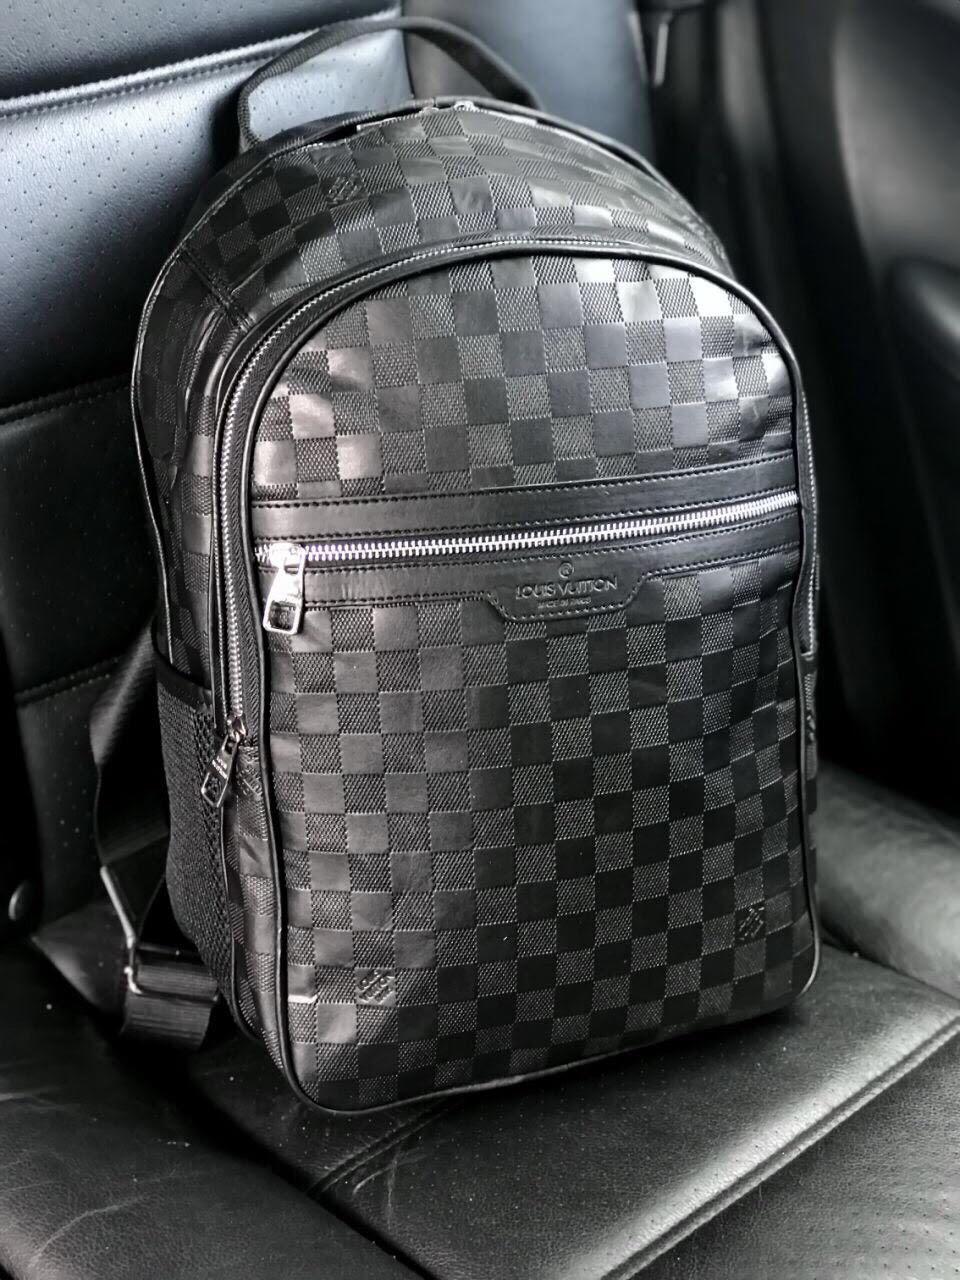 7c601e271d24 Рюкзак ранец портфель мужской черный женский Louis Vuitton копия реплика -  AMARKET - Интернет-магазин